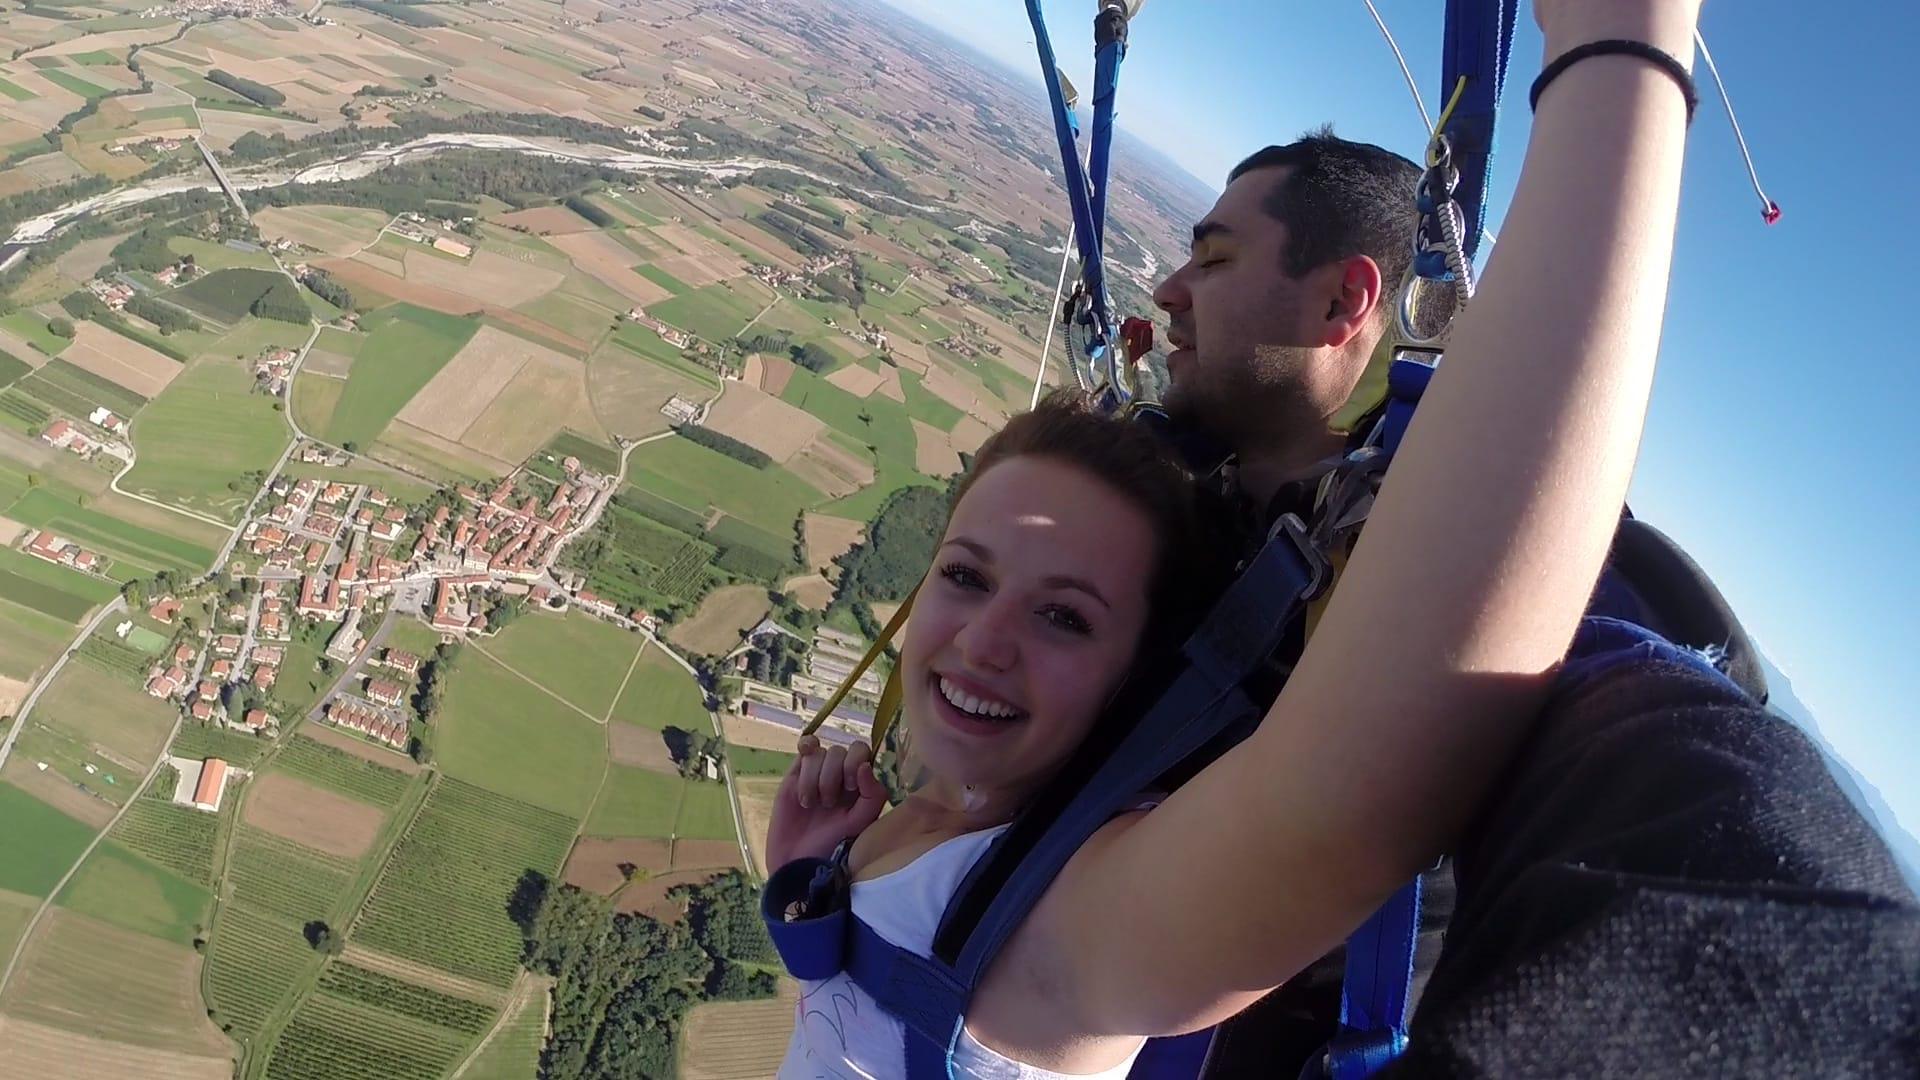 Promo saut en parachute tandem 4200 m 199 - Saut en parachute bretagne pas cher ...